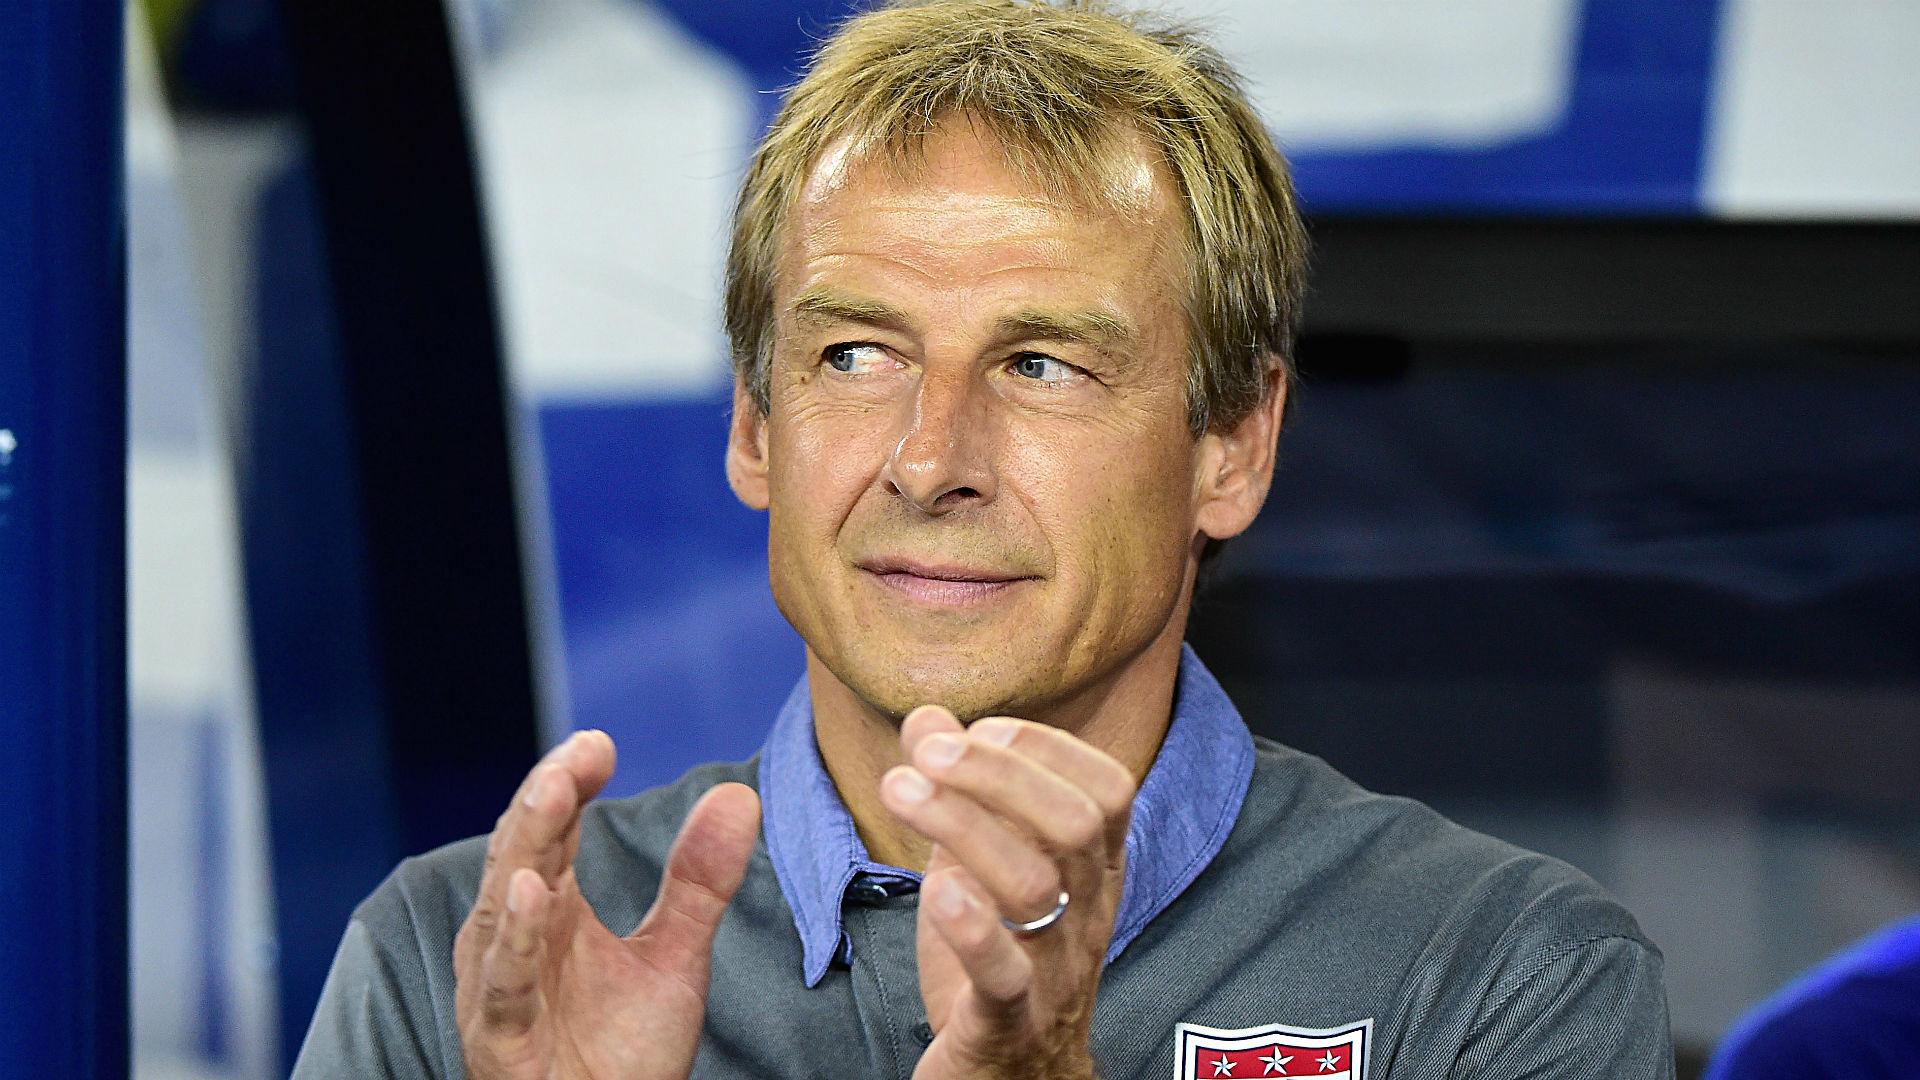 Jurgen-Klinsmann-090815-Getty-FTR.jpg